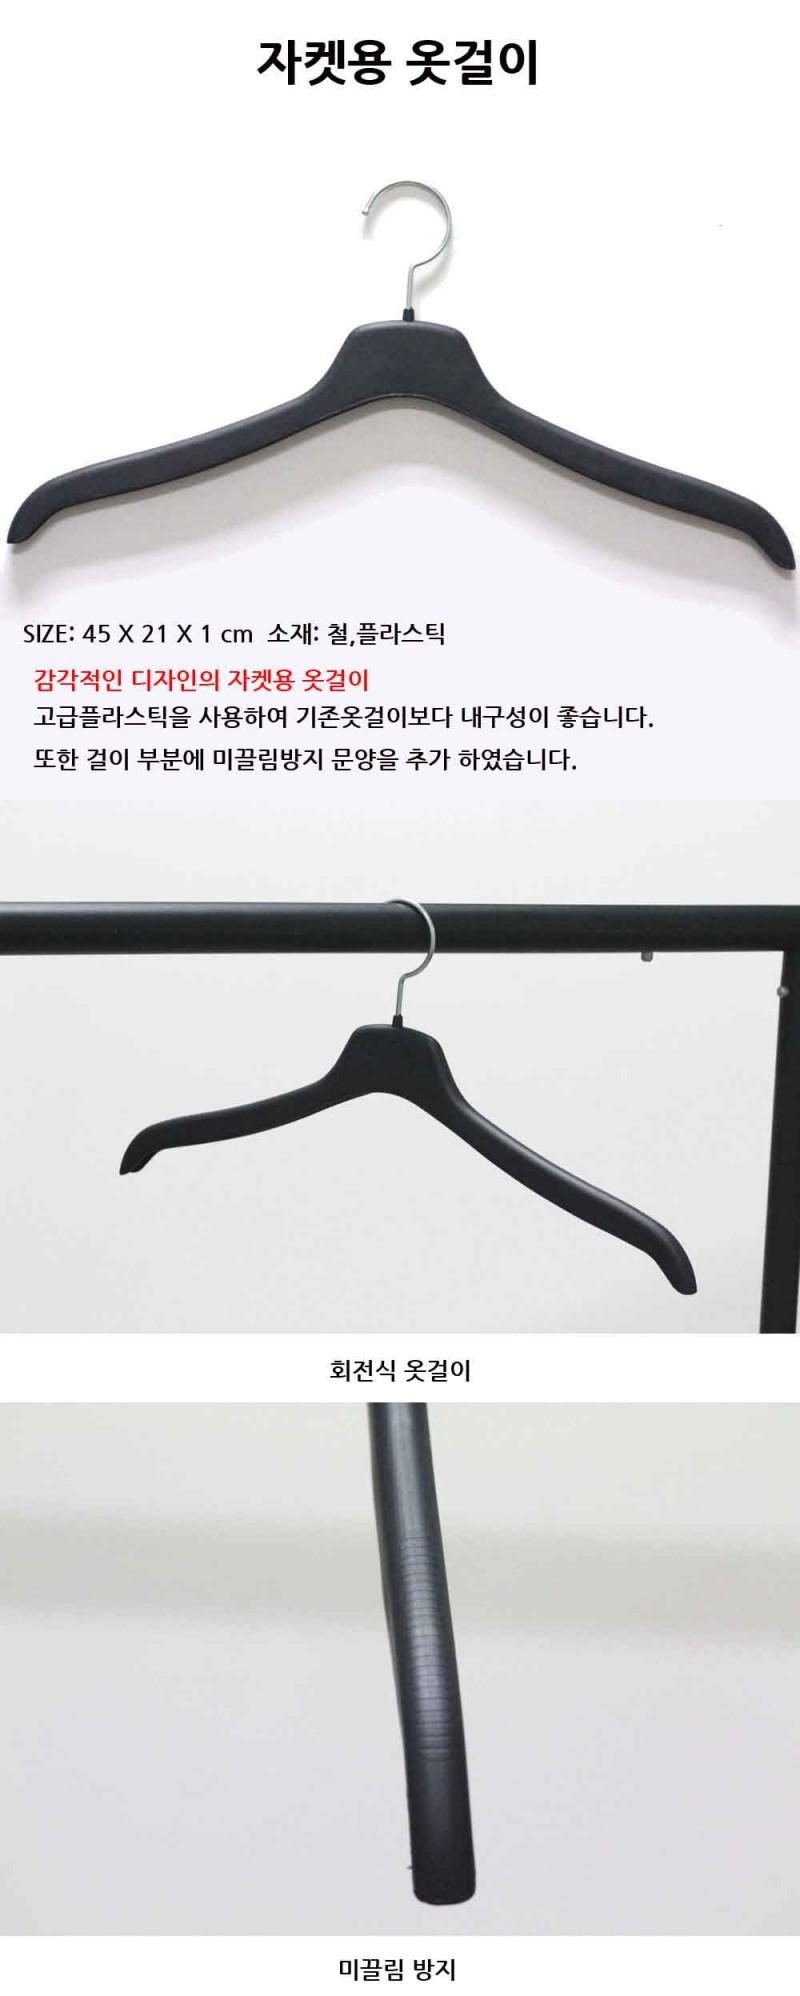 자켓용옷걸이 덤핑 30만개 파샬가능